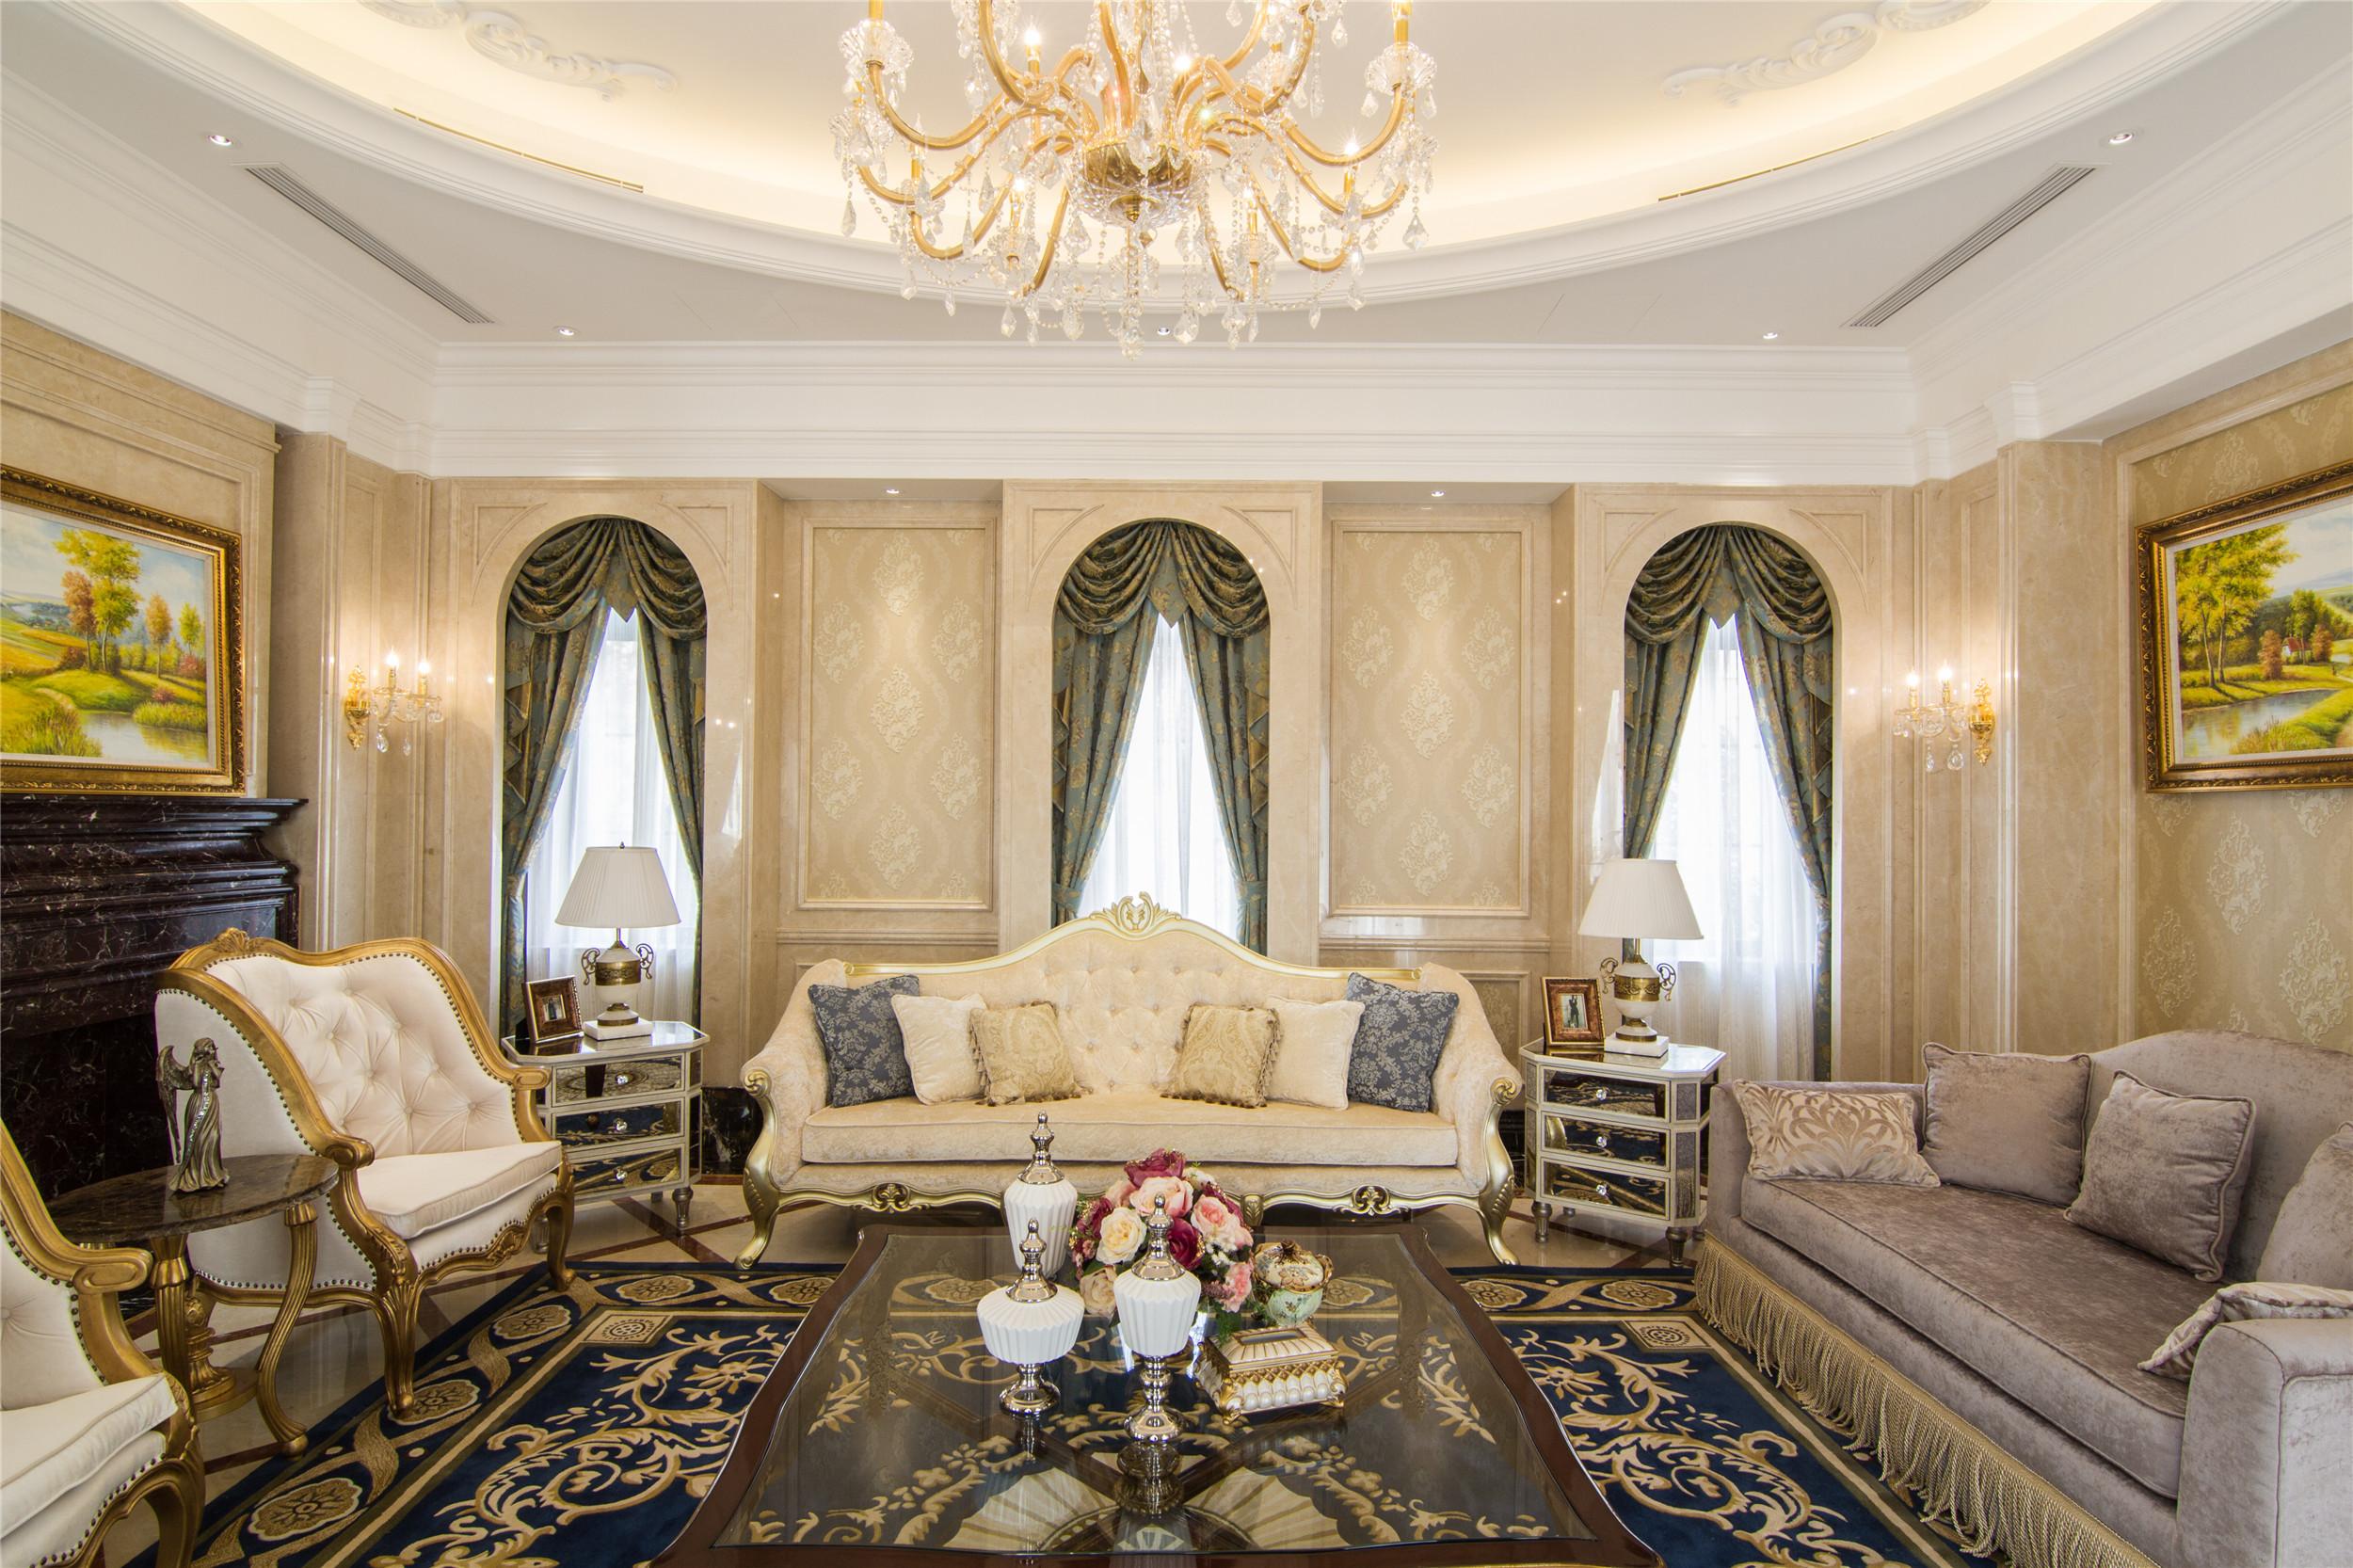 欧式风格别墅奢华客厅装修效果图